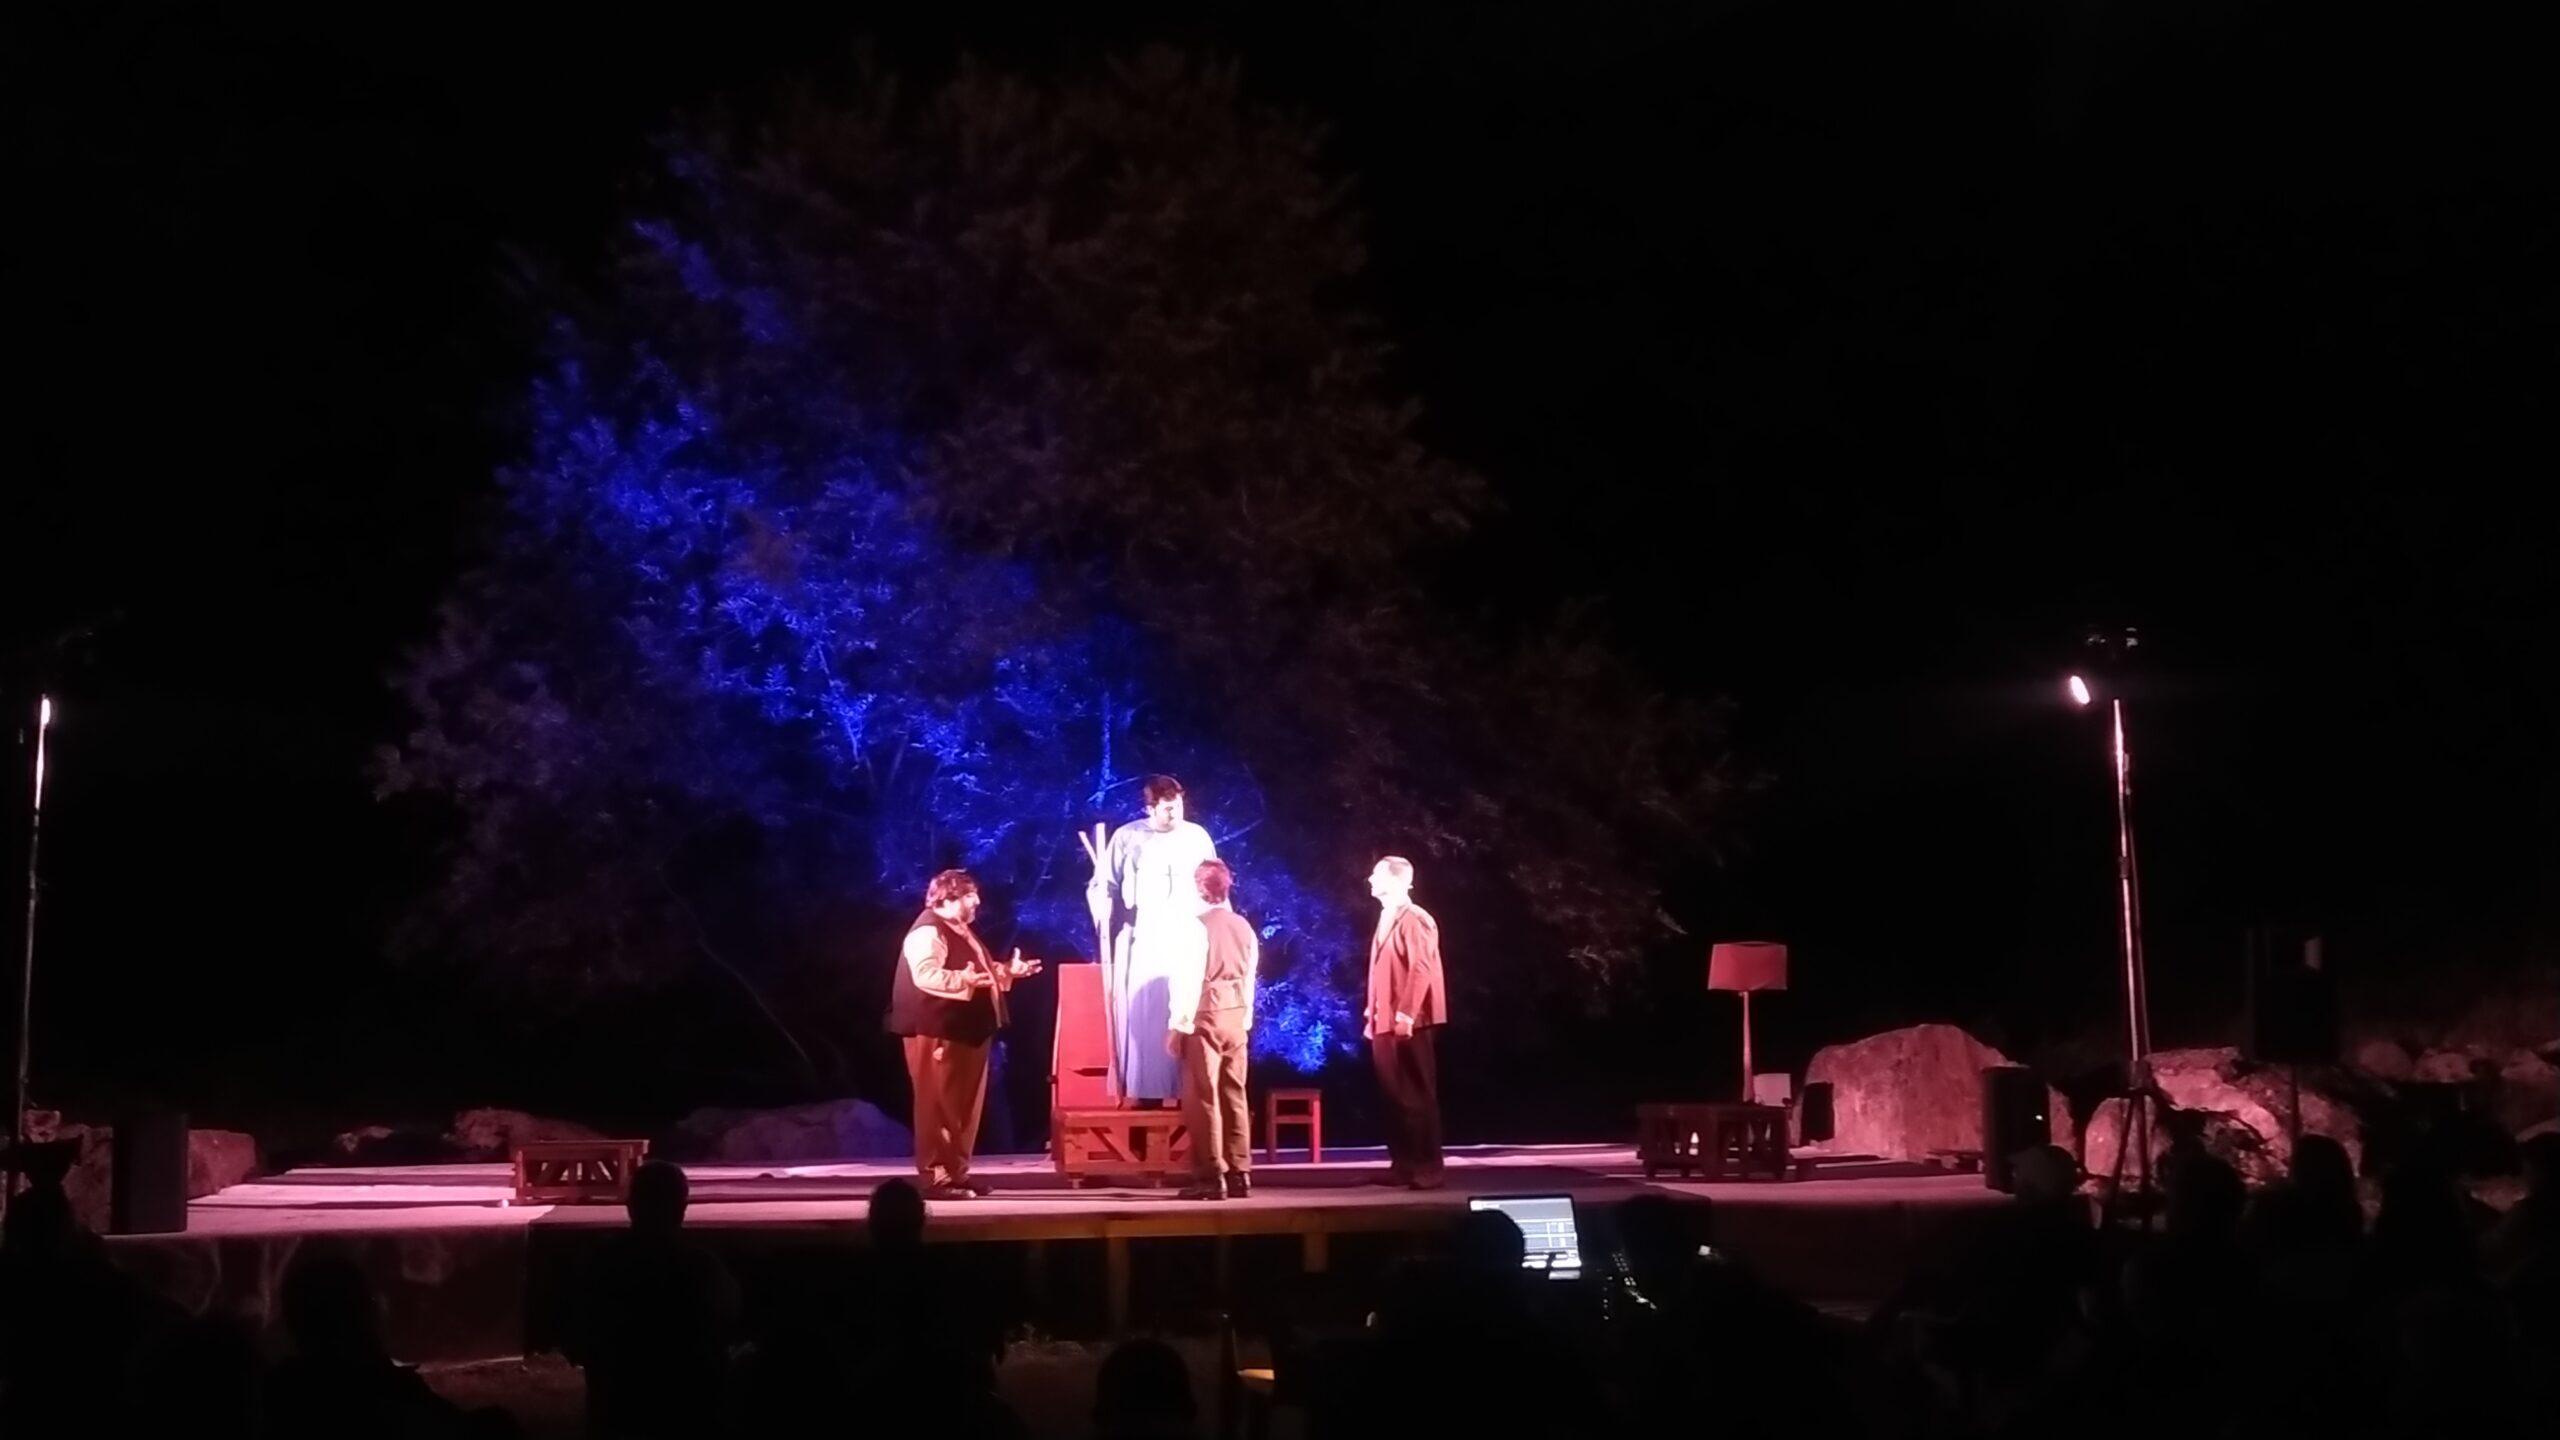 Accoglienza calorosa e grande entusiasmo per il Festival Ambient'Arti 2021 a Morino